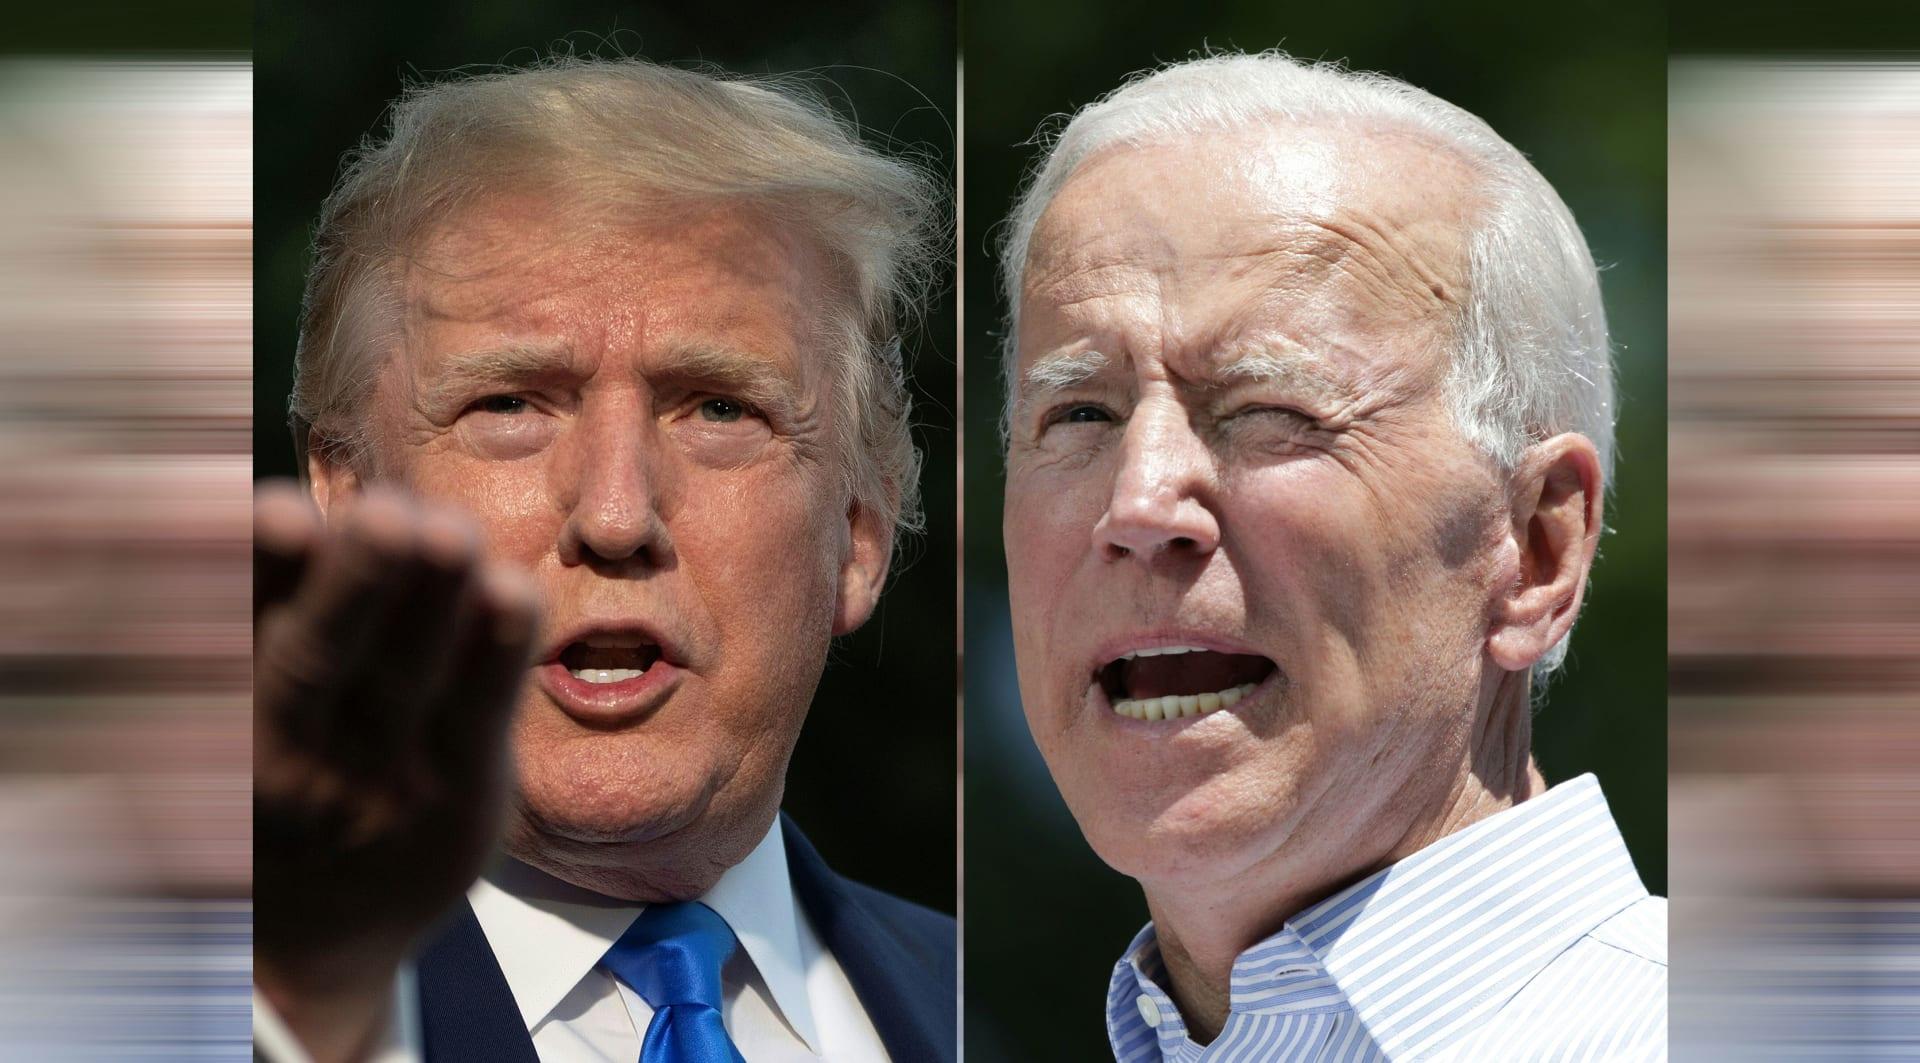 المرشح جو بايدن (يمين) والرئيس دونالد ترامب (يسار)